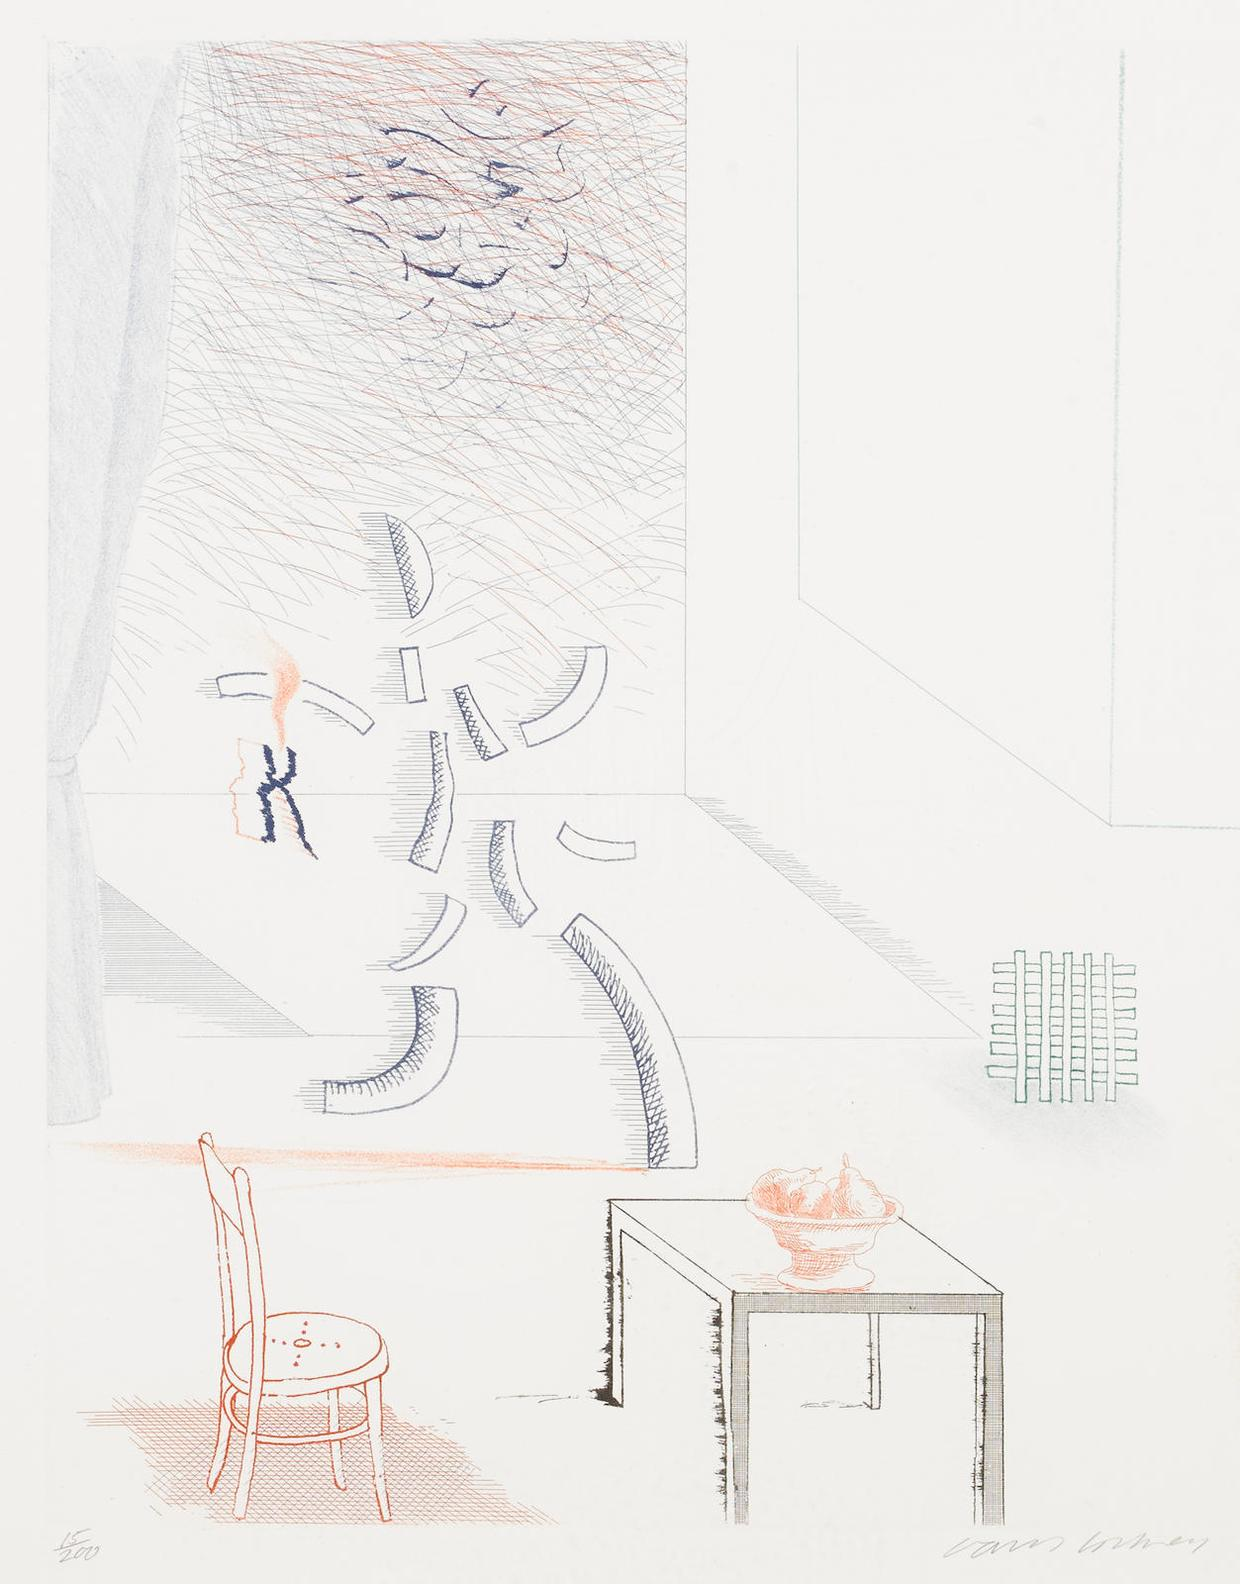 David Hockney-Tick It, Tock It, Turn It True, Pl. 15, From The Blue Guitar-1977